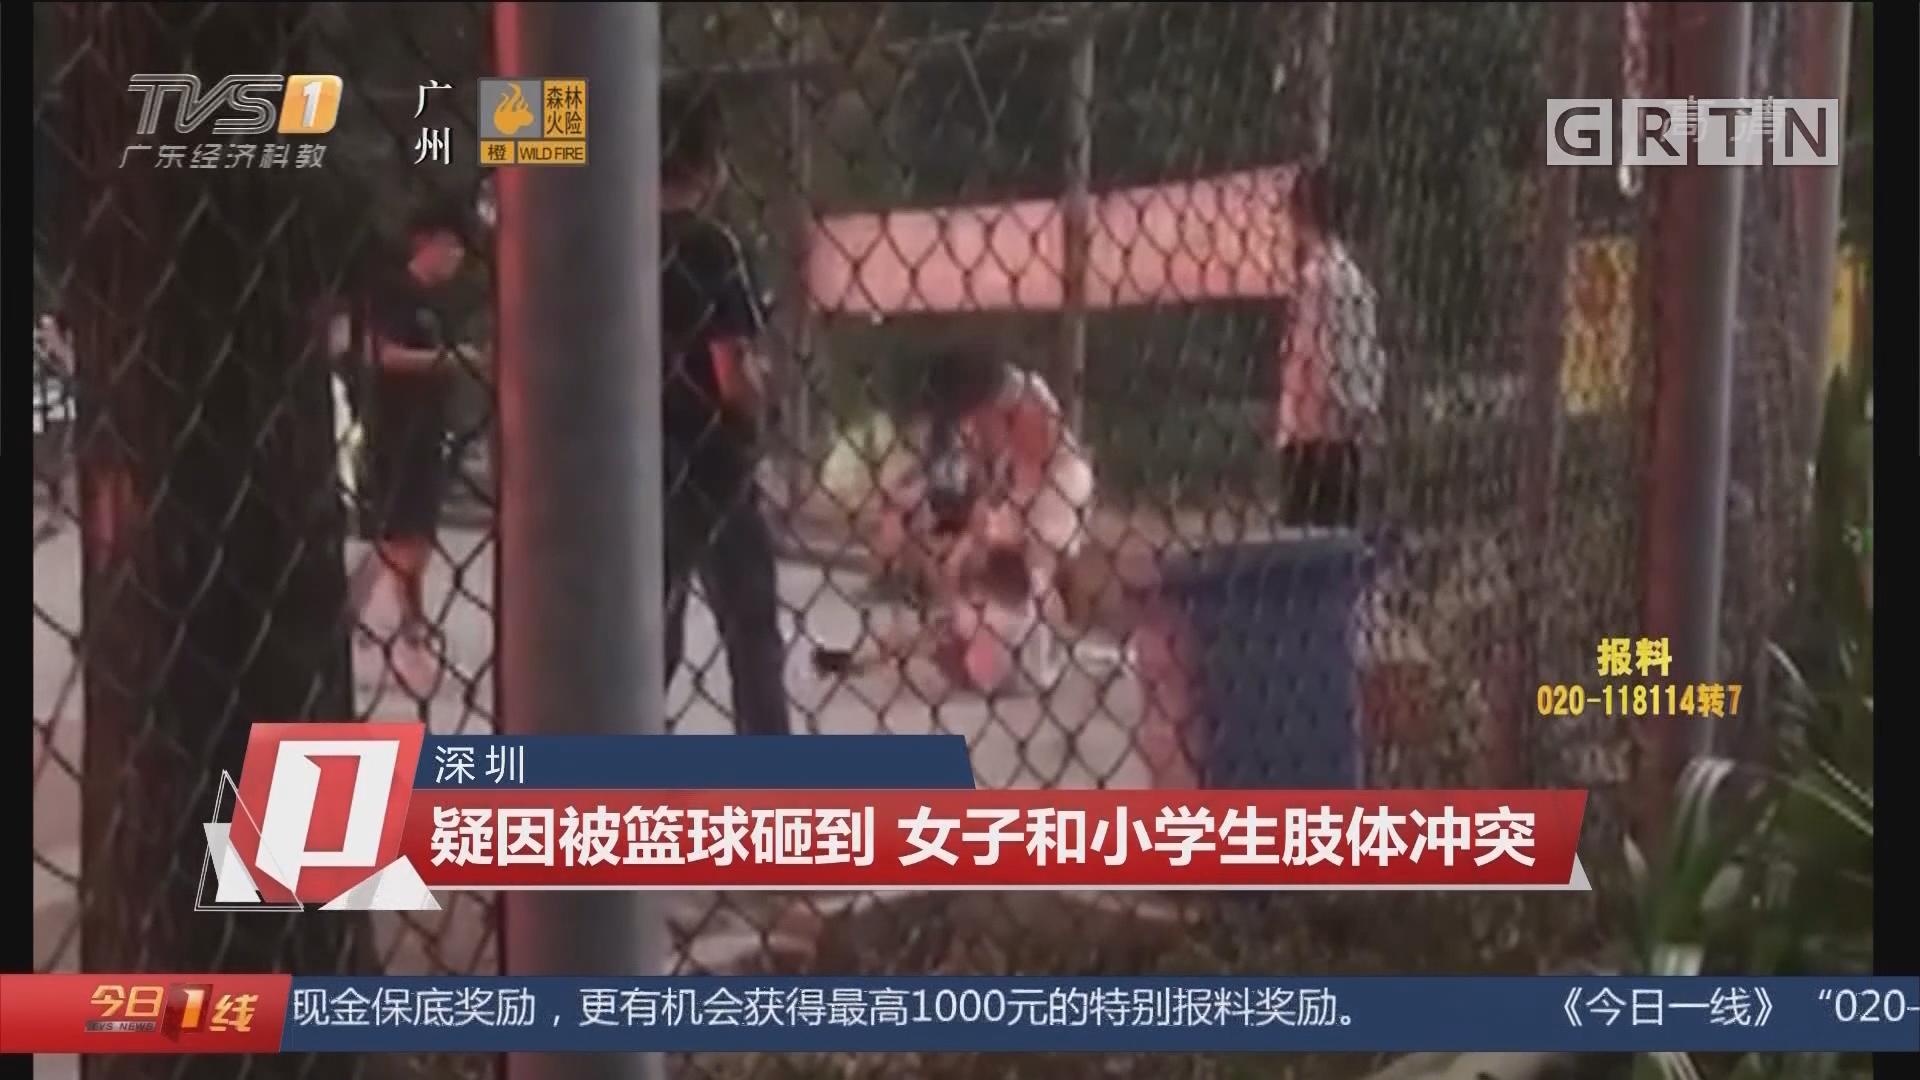 深圳:疑因被篮球砸到 女子和小学生肢体冲突